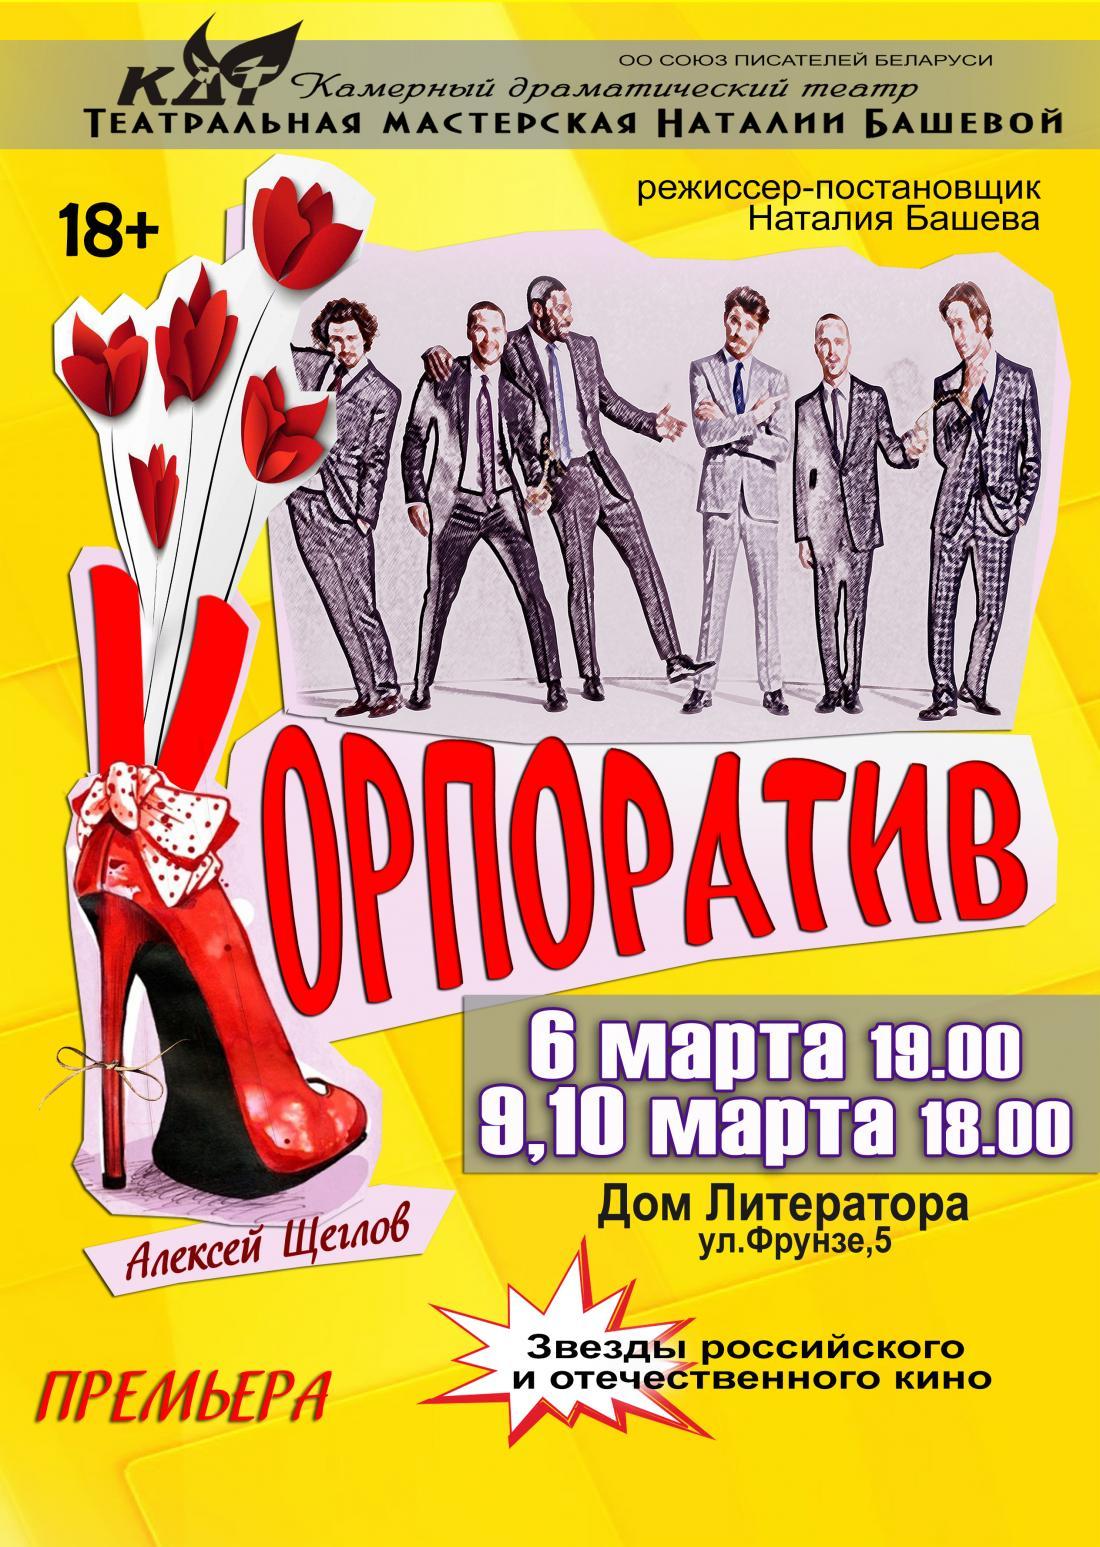 """25 июля спектакль """"Корпоратив"""", два билета по цене одного от 12 руб."""